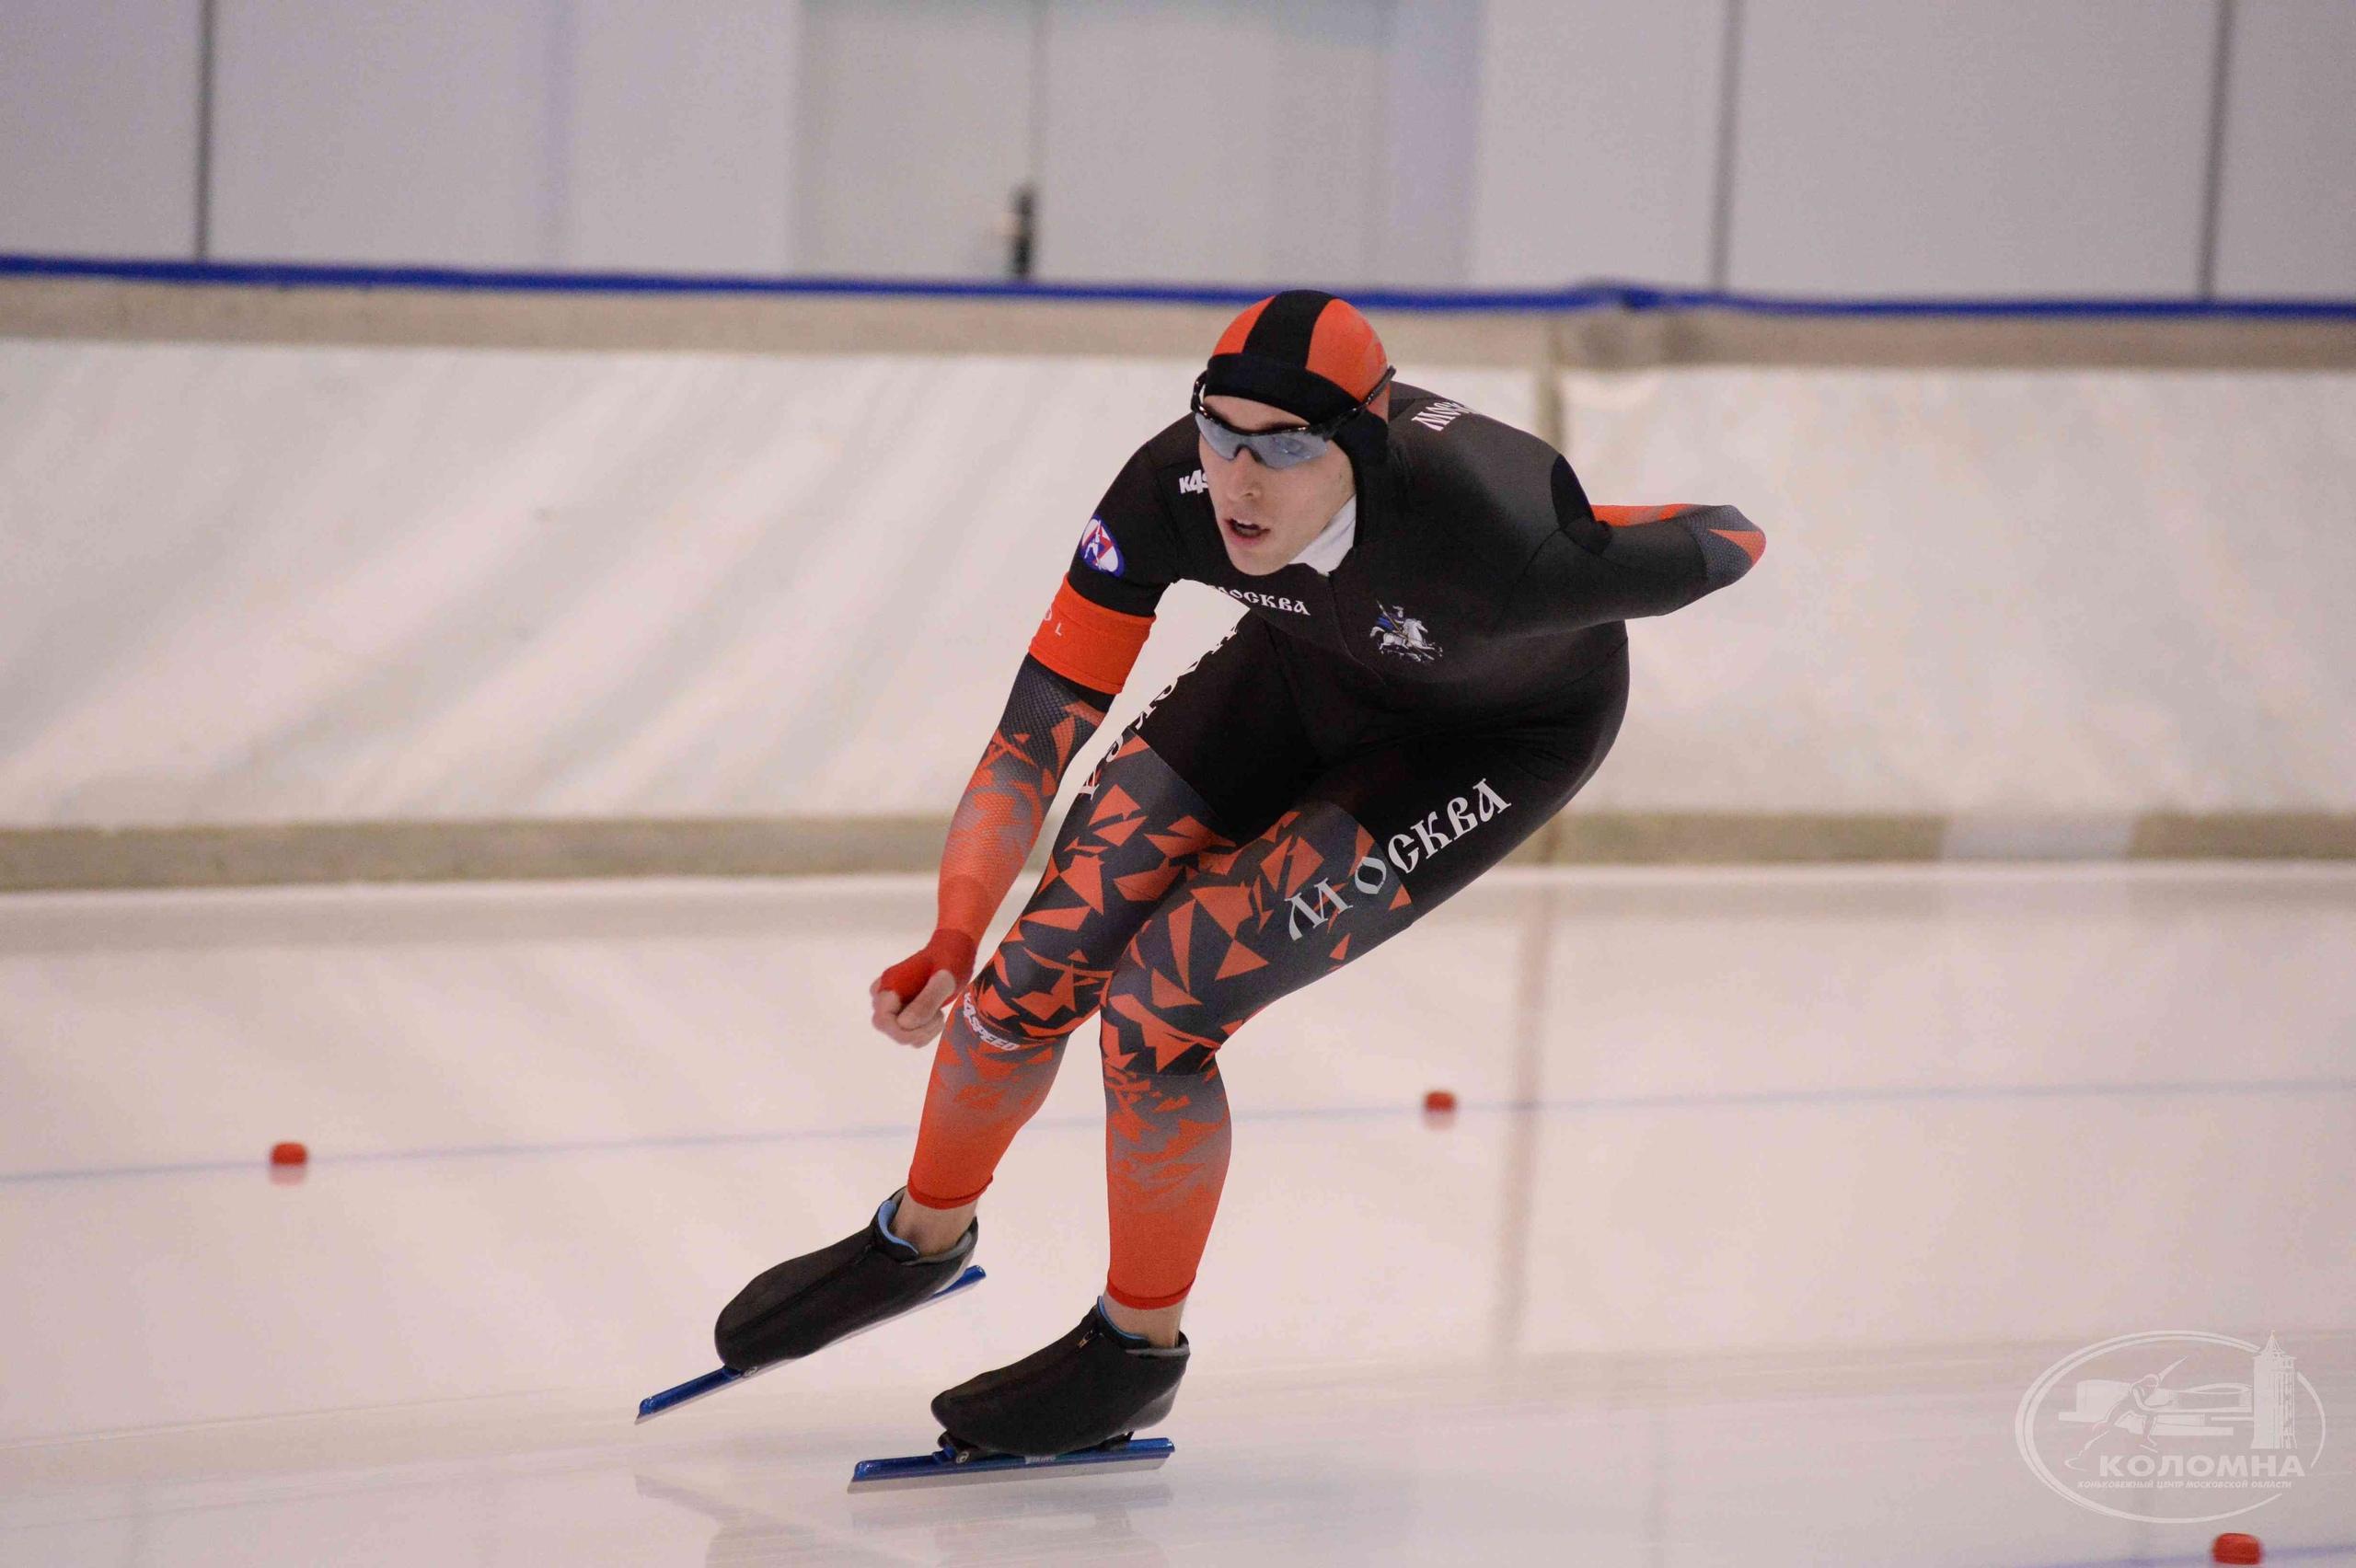 КОЛОМНАСПОРТ - Спорт в Коломне В Коломне разыграли «Призы конькобежного центра»